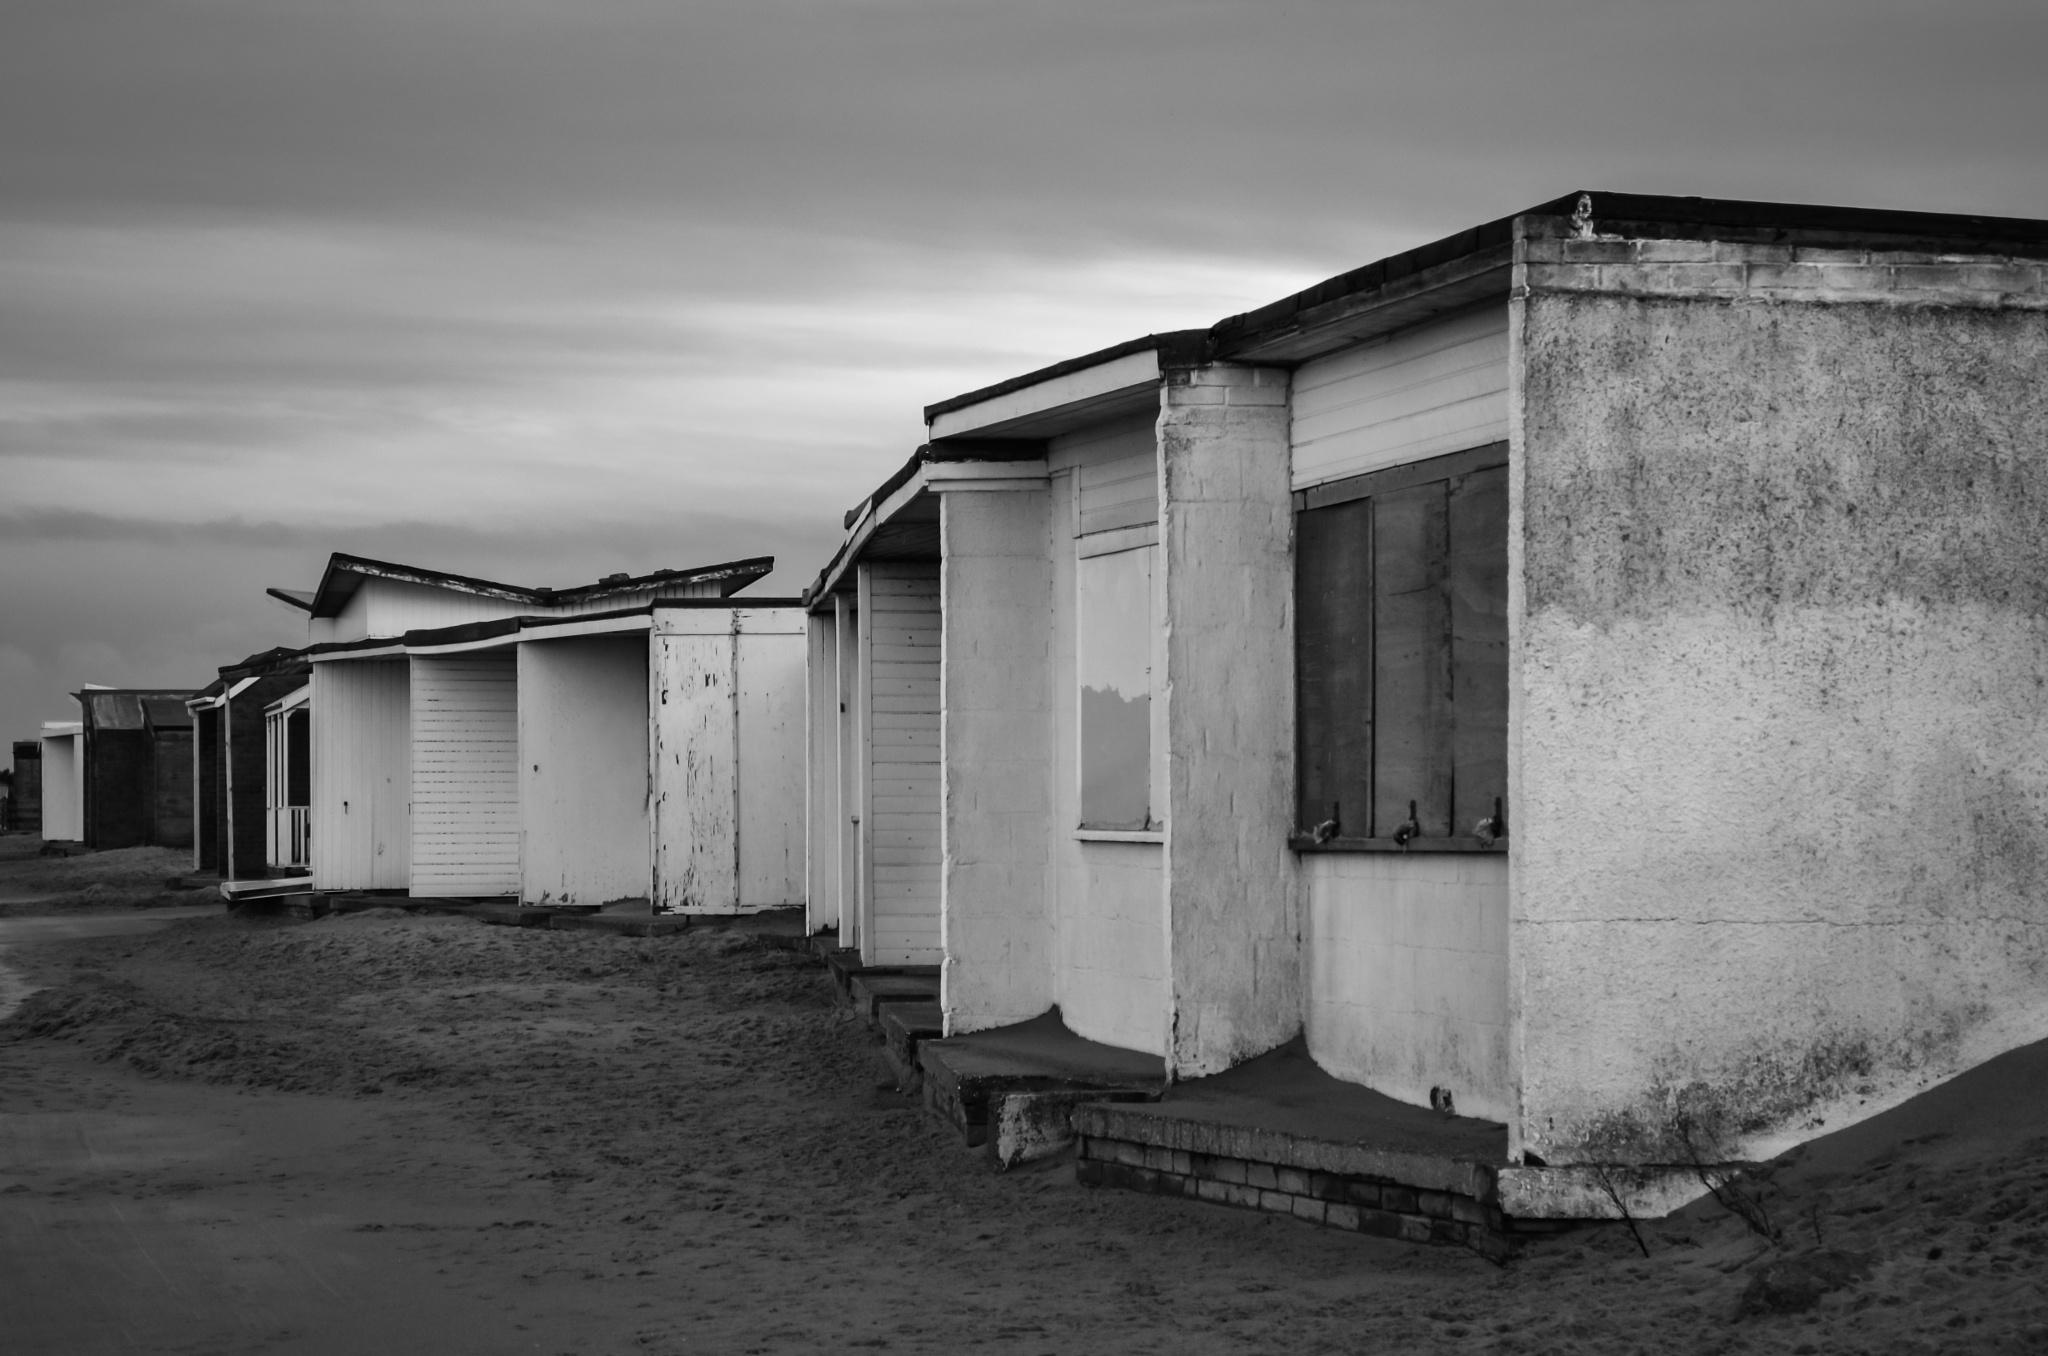 Beach Huts by gill.kennett.9